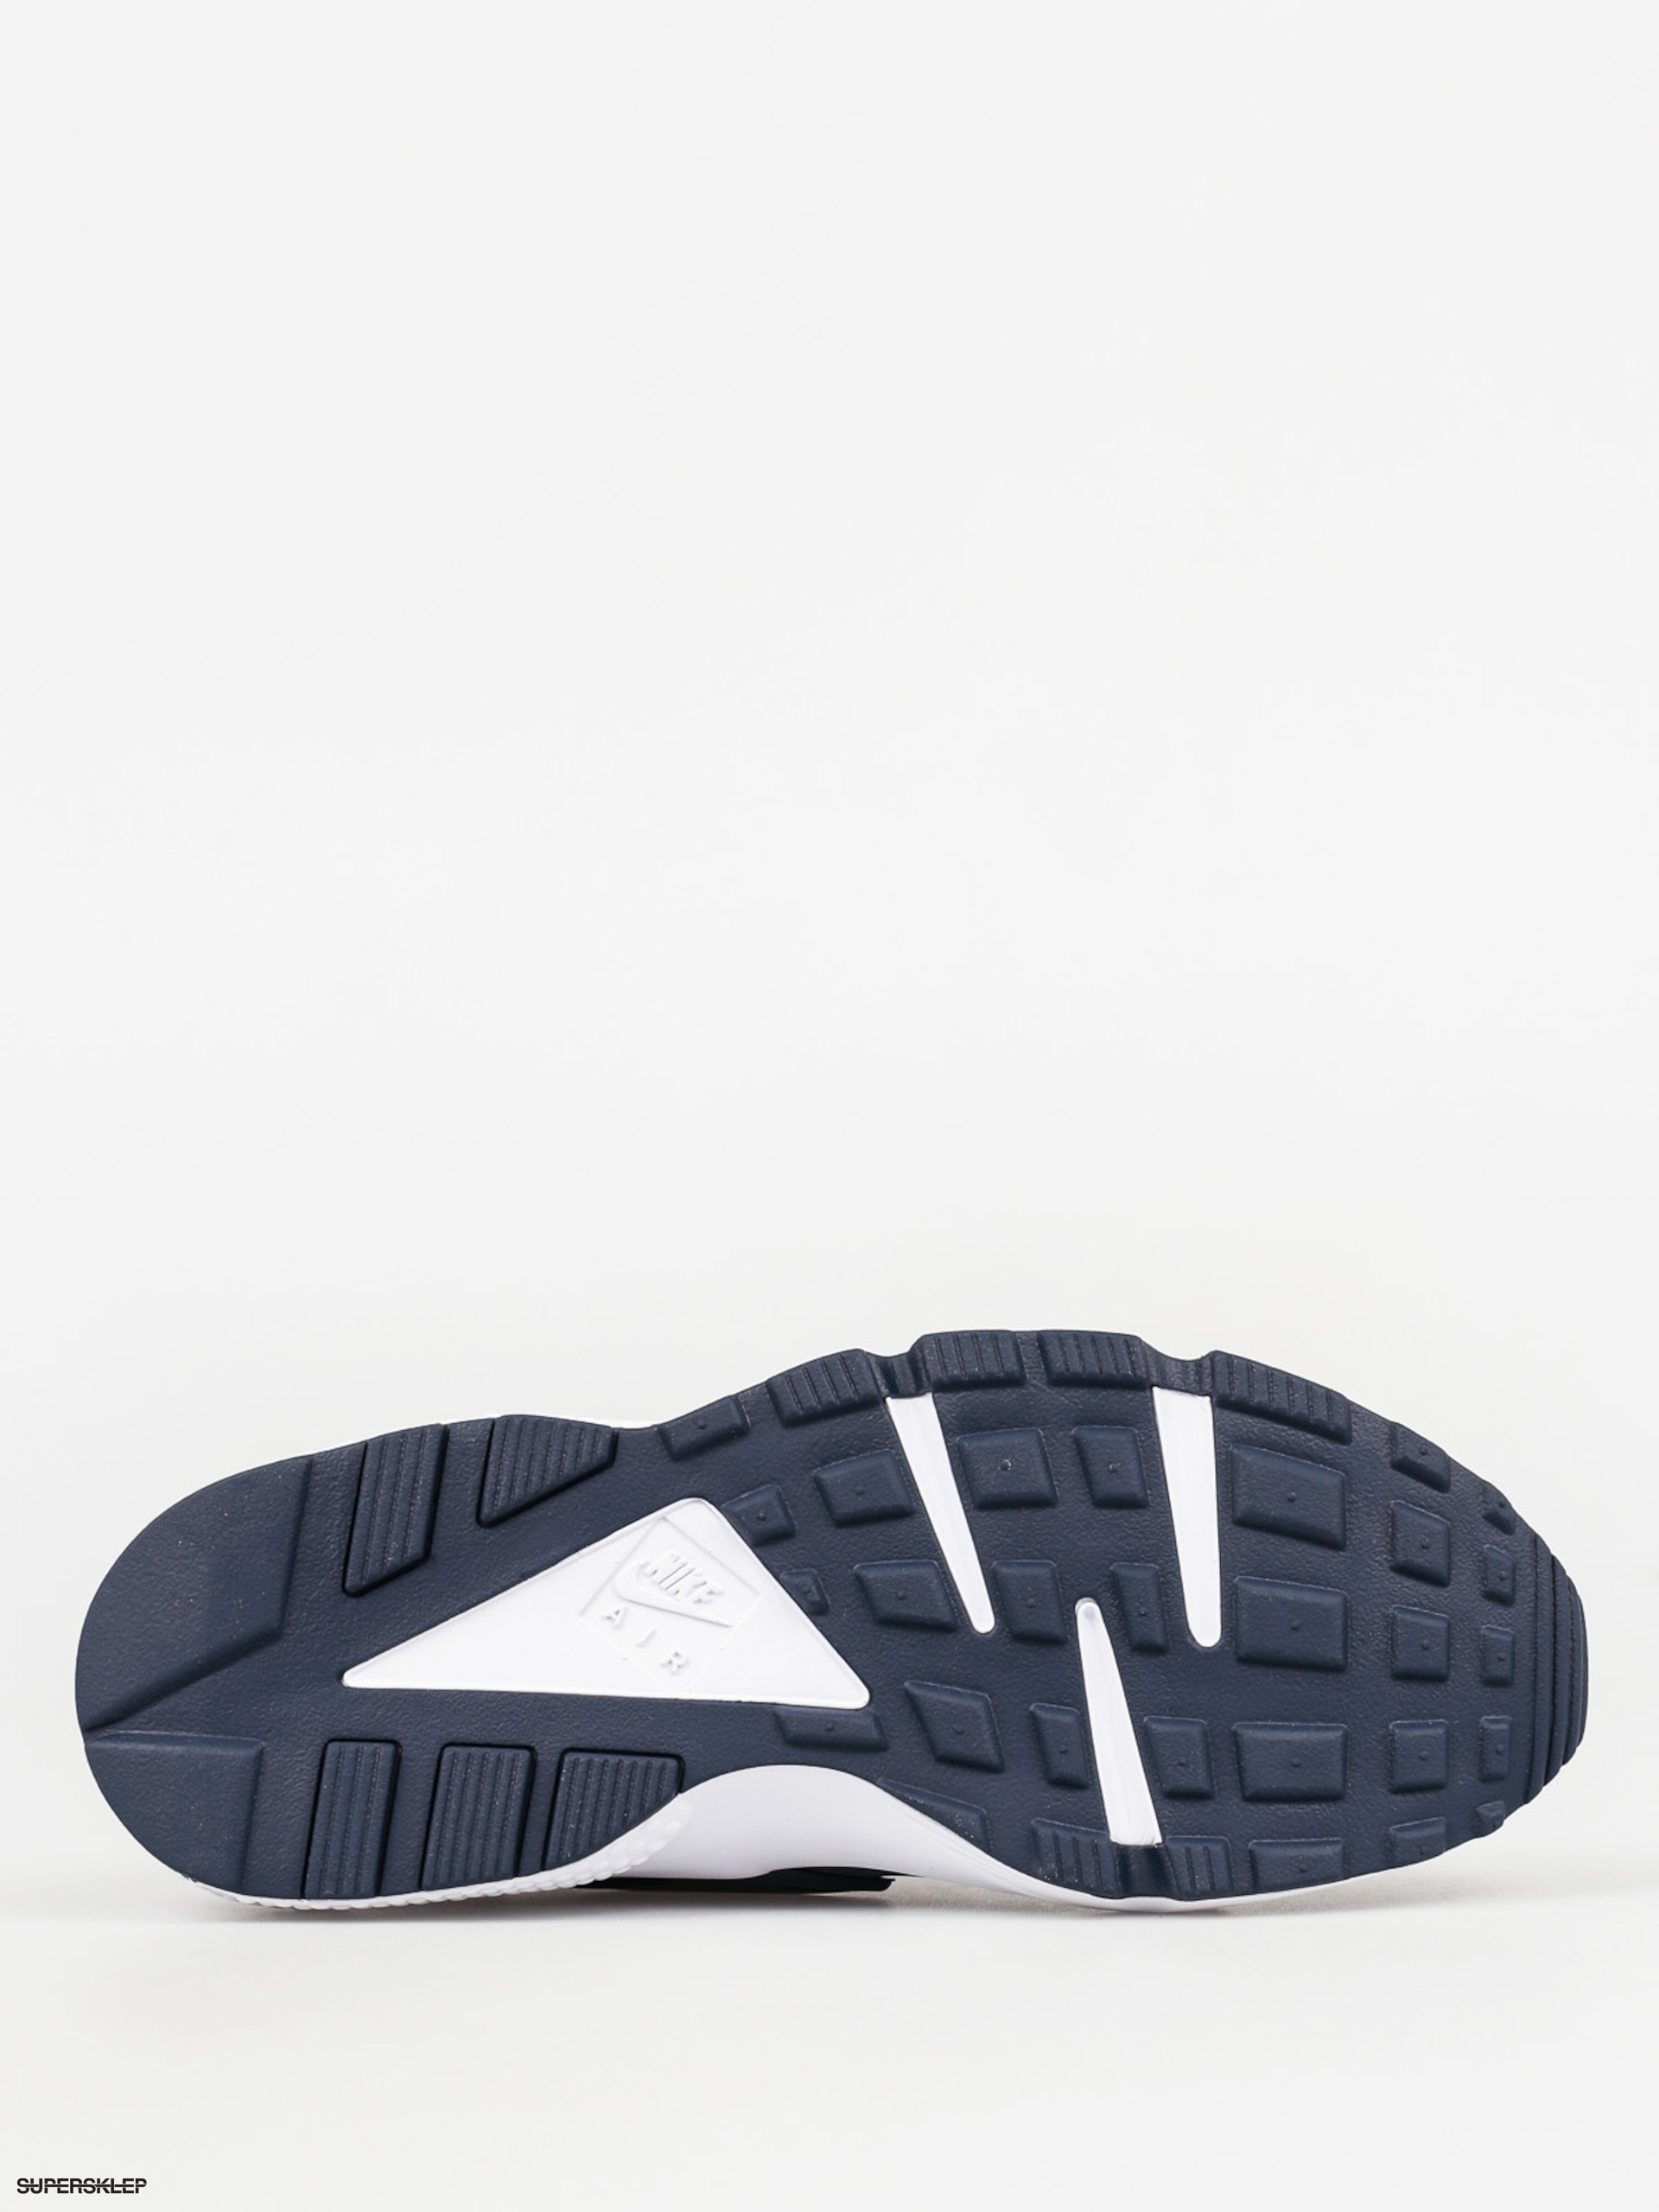 Buty Nike Air Huarache (midnight navy/midnight navy)